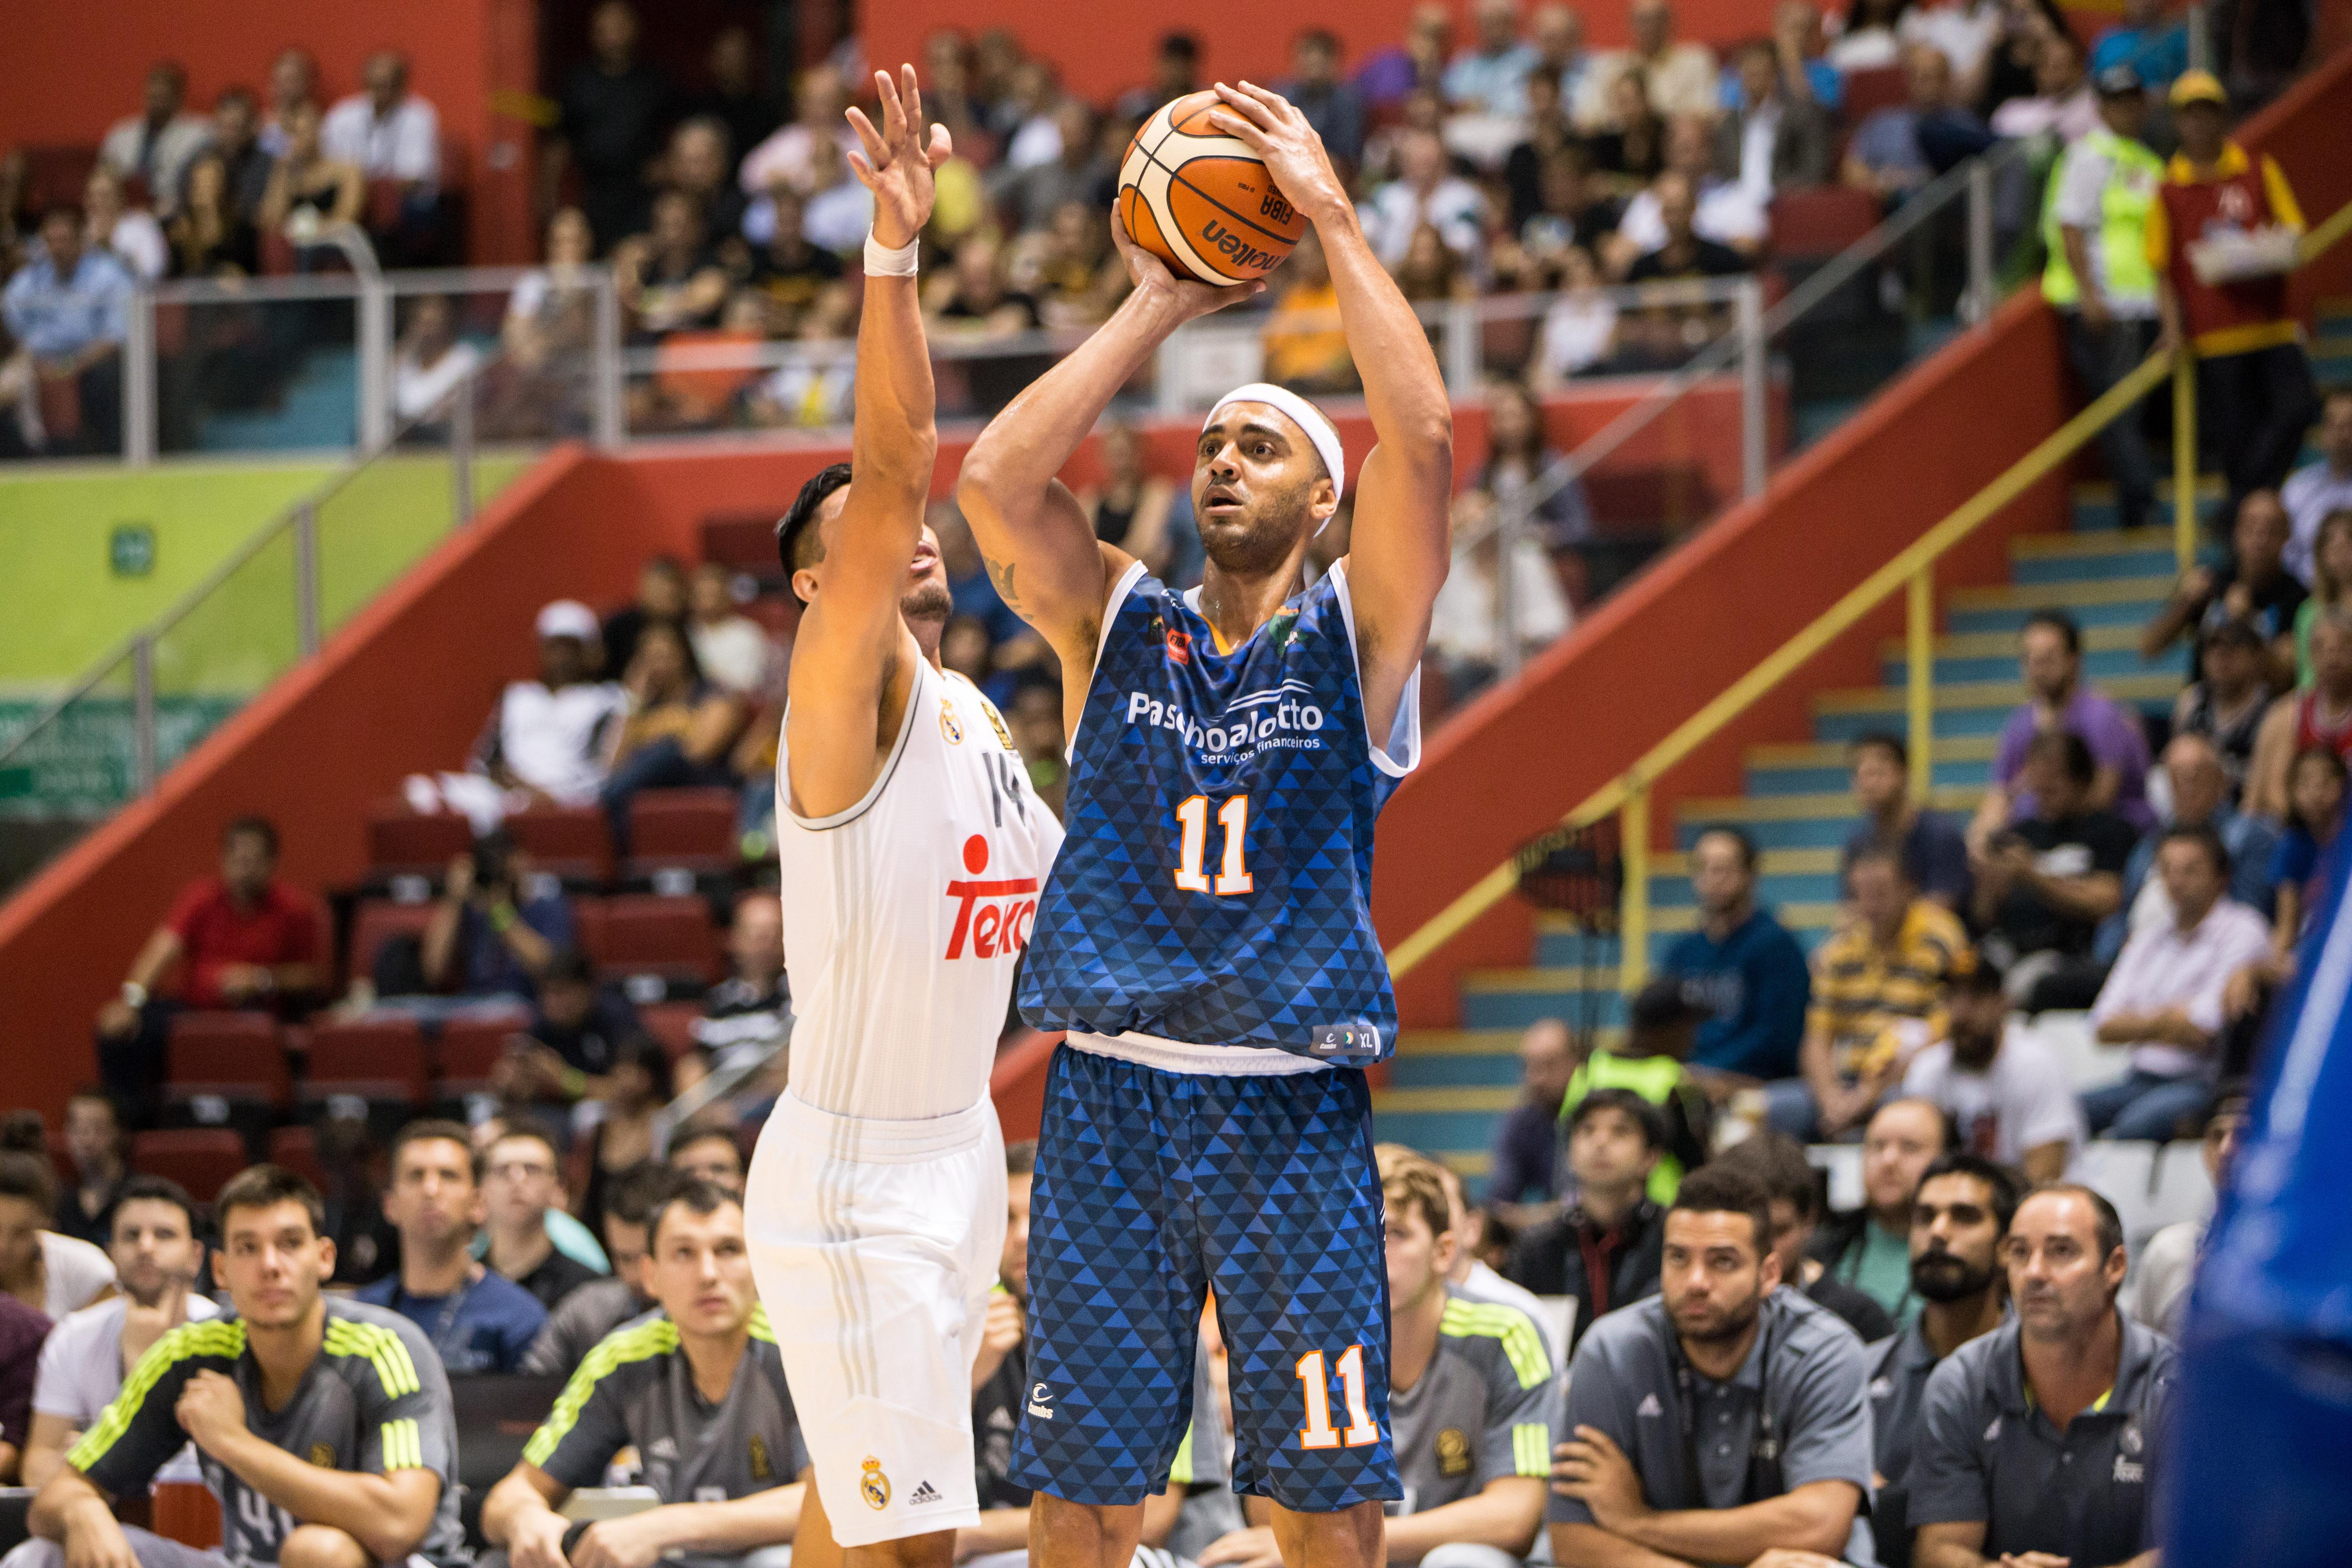 Ibirapuera recebeu bom público e viveu uma noite memorável com a vitória do Bauru, de Jefferson William (Caio Casagrande/Bauru Basket)